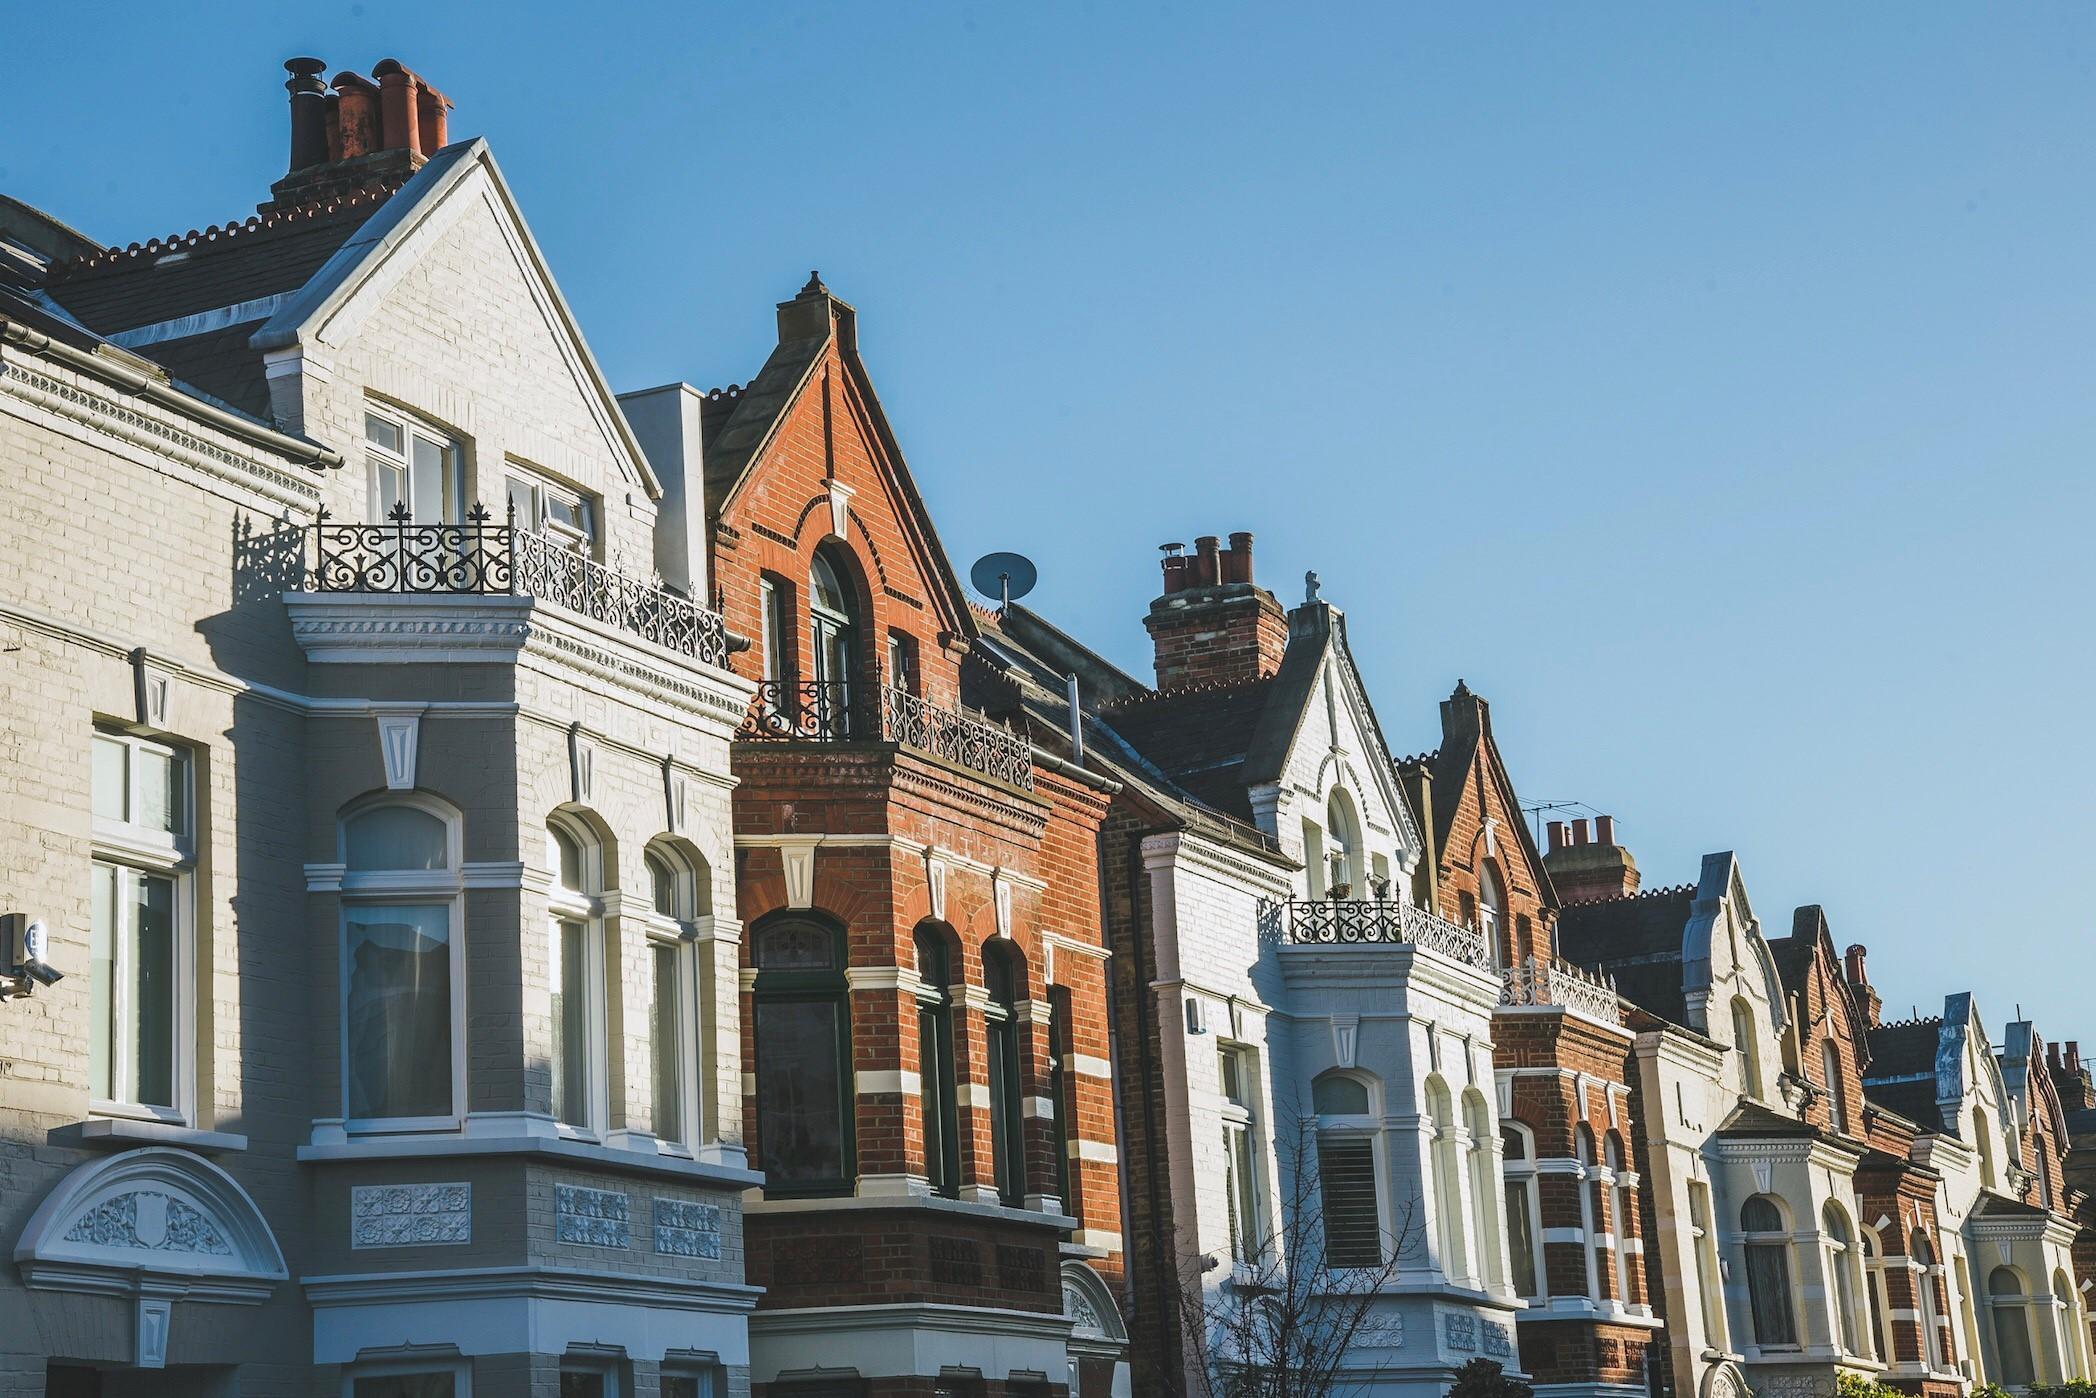 london property hot spots 2017